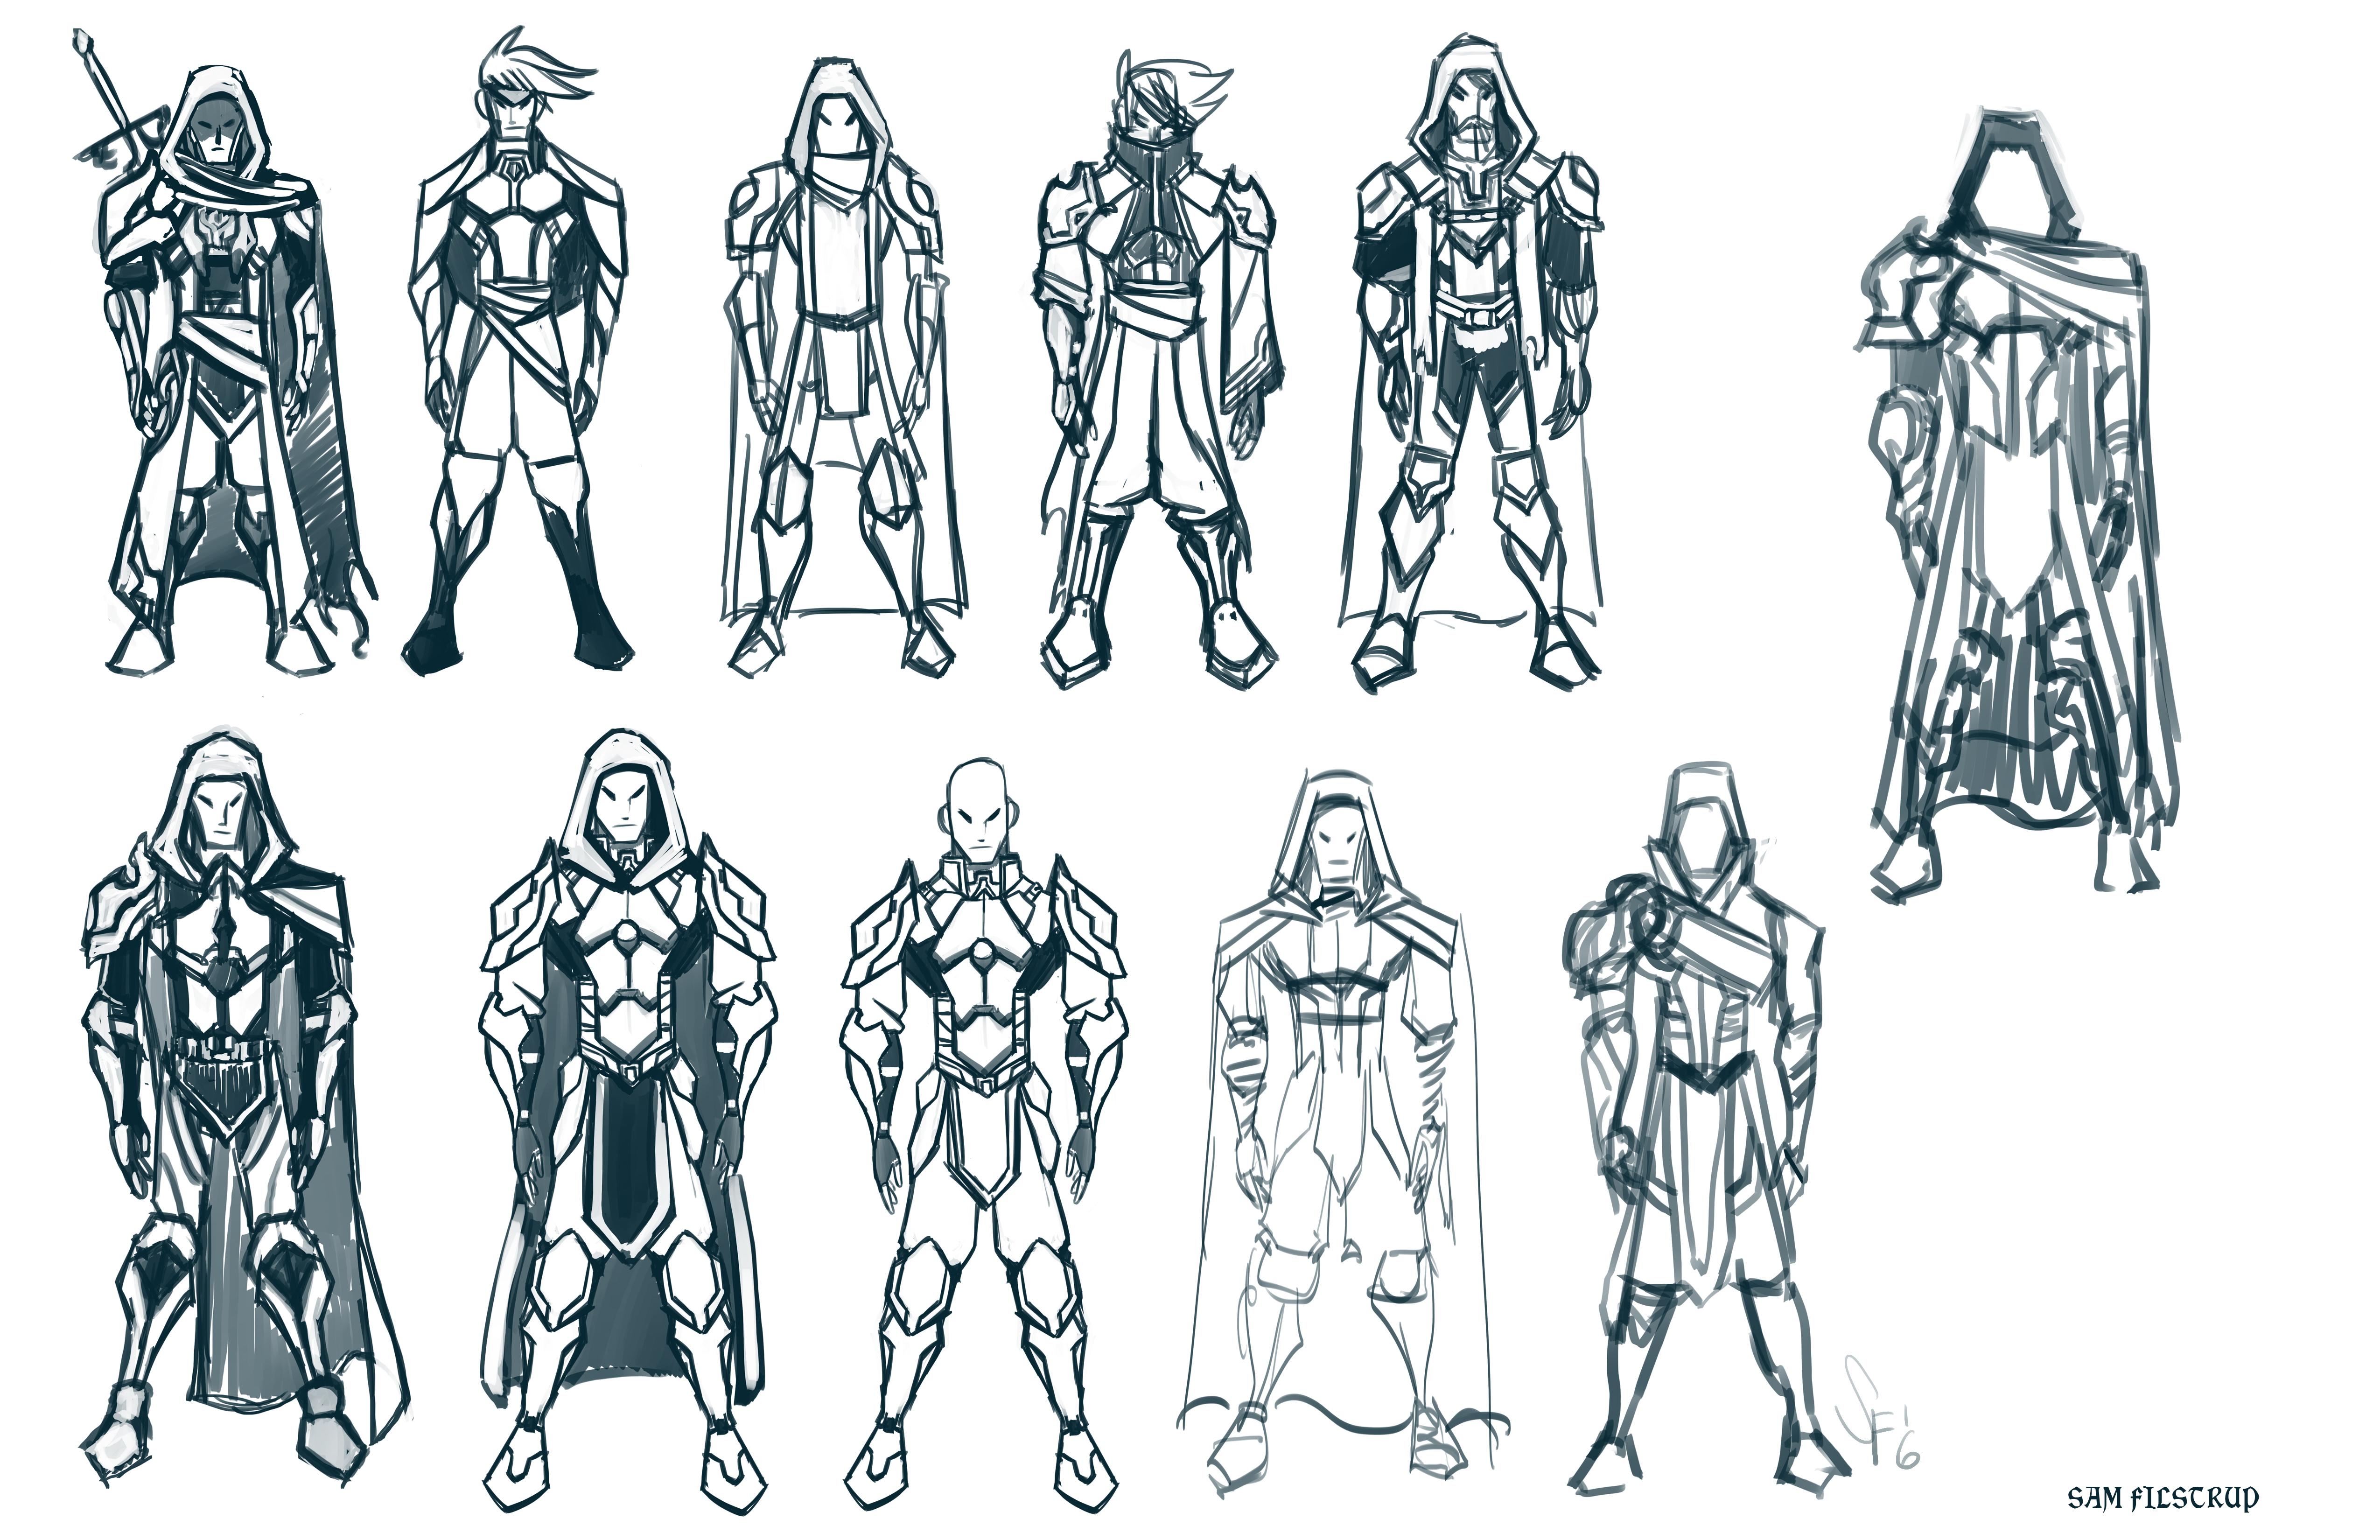 Unkown Warrior Concept Art